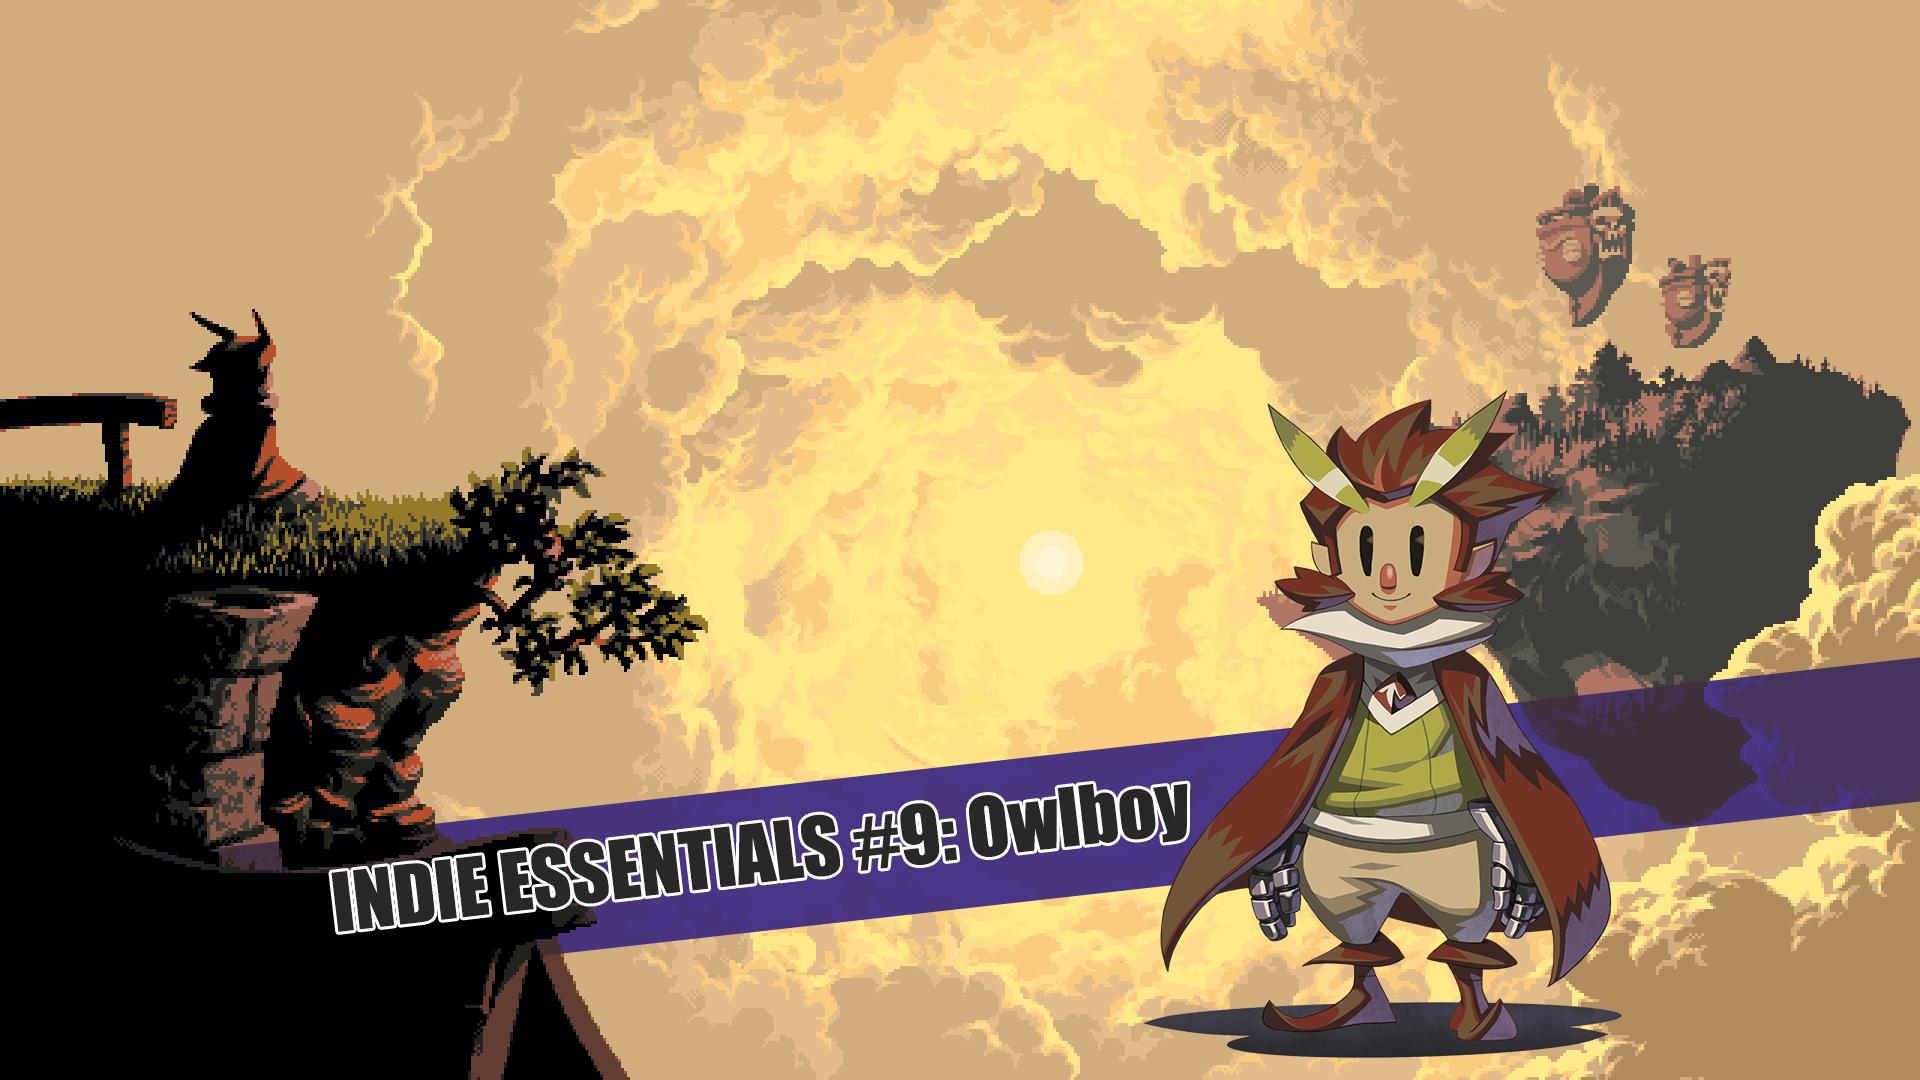 Indie Essentials 9: Owlboy!